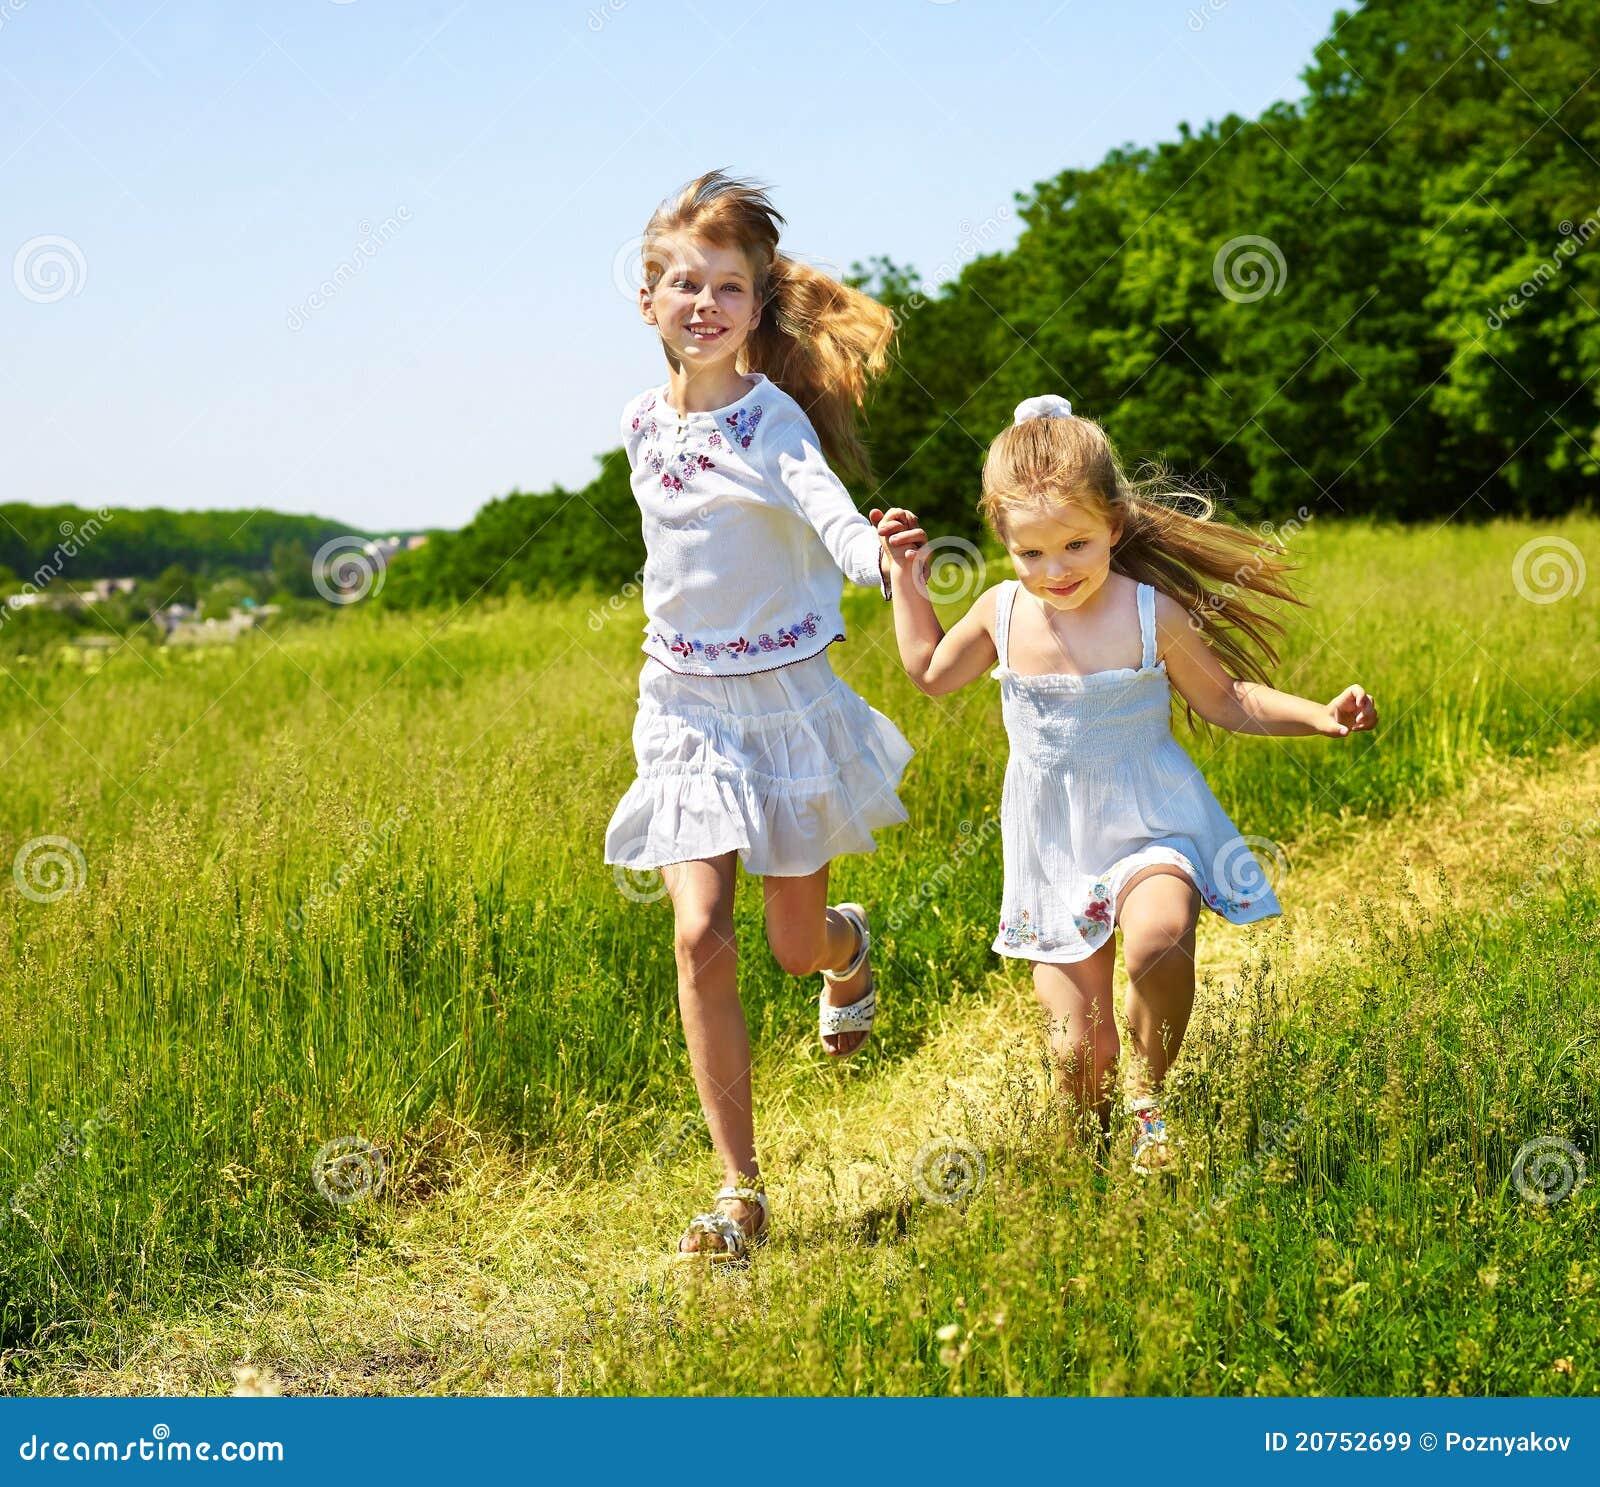 Little Kid Running Through Grass